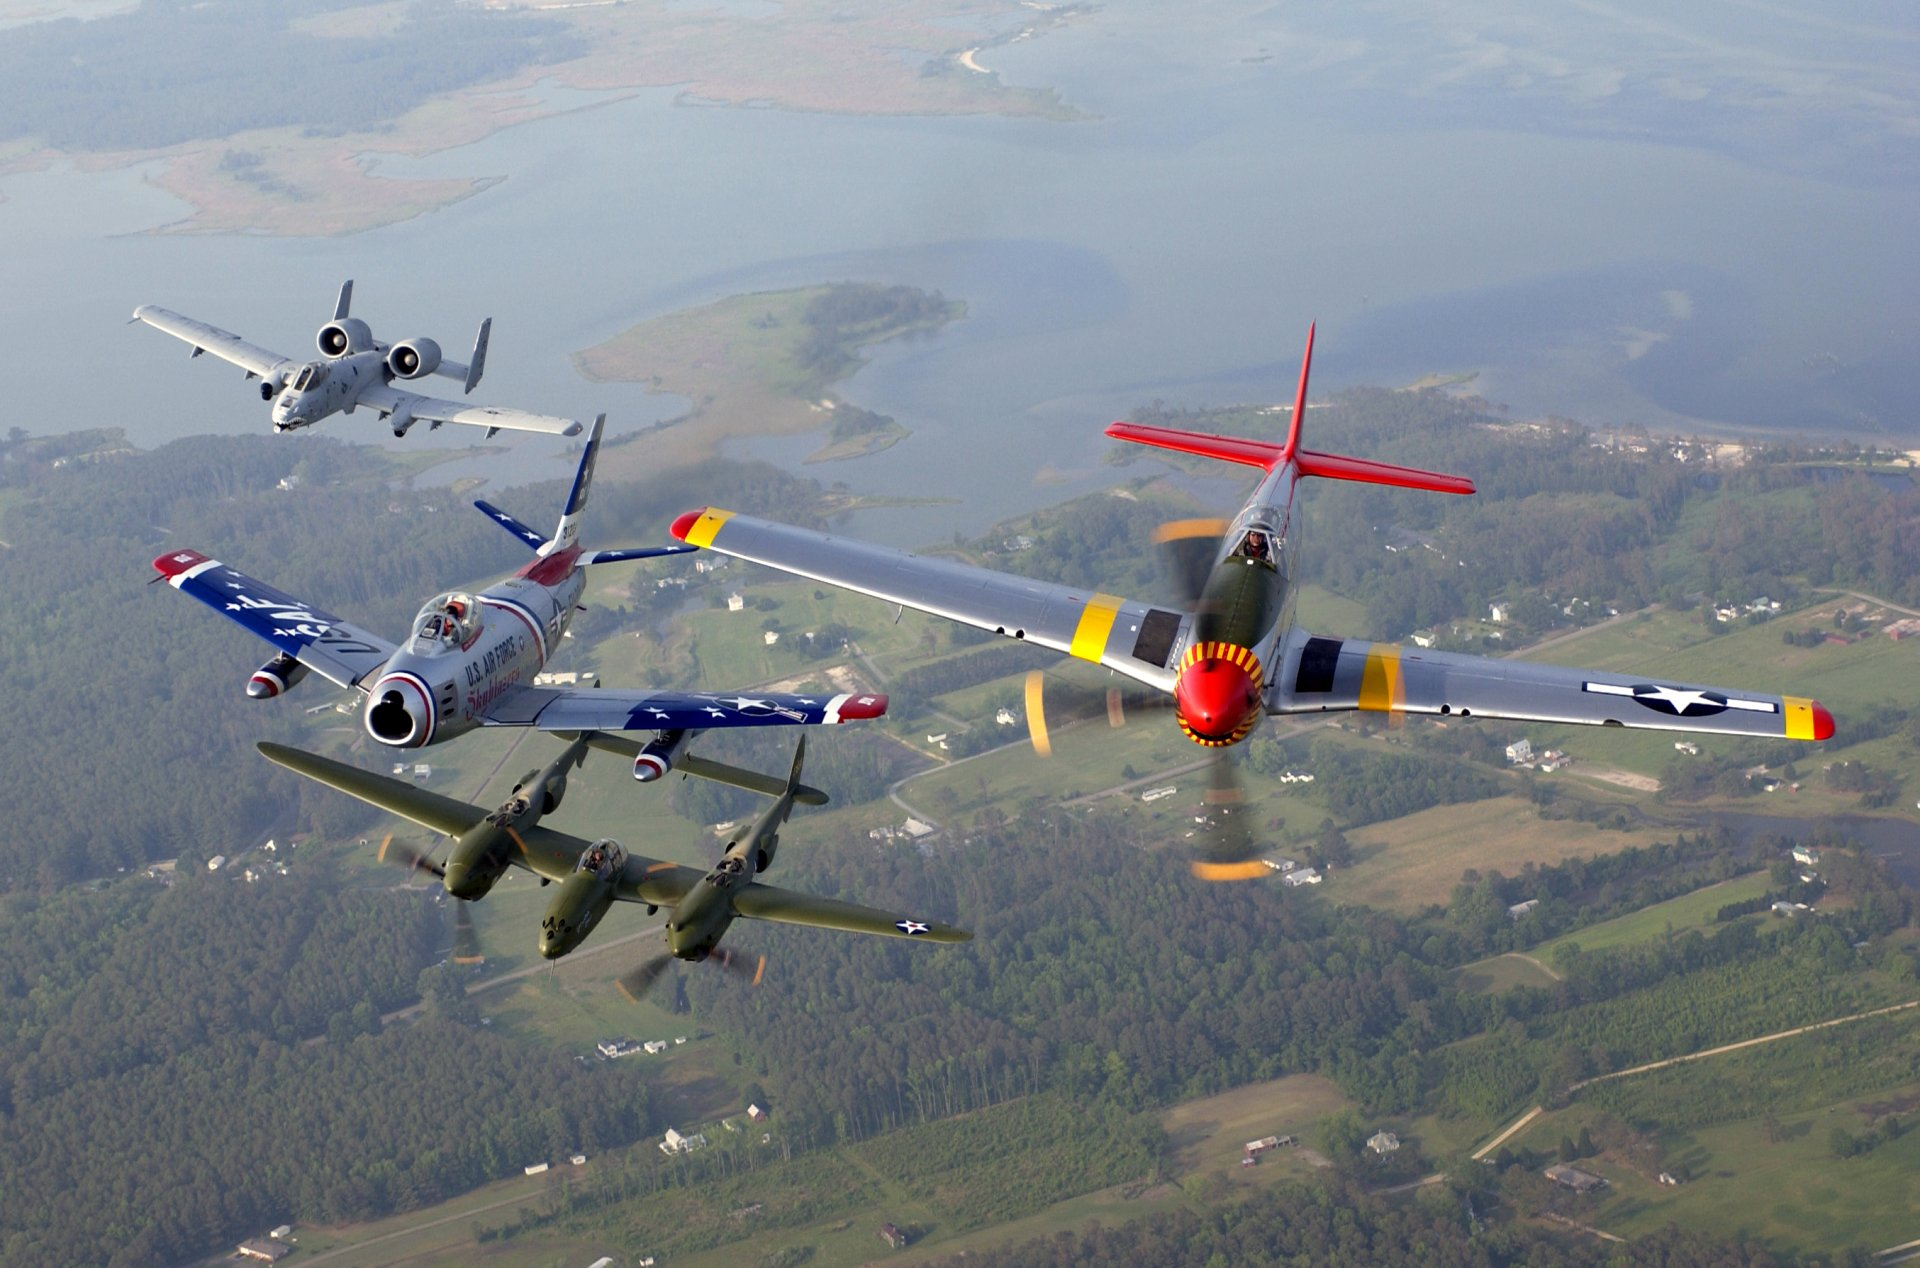 Military - Air Show  Fairchild Republic A-10 Thunderbolt II Wallpaper